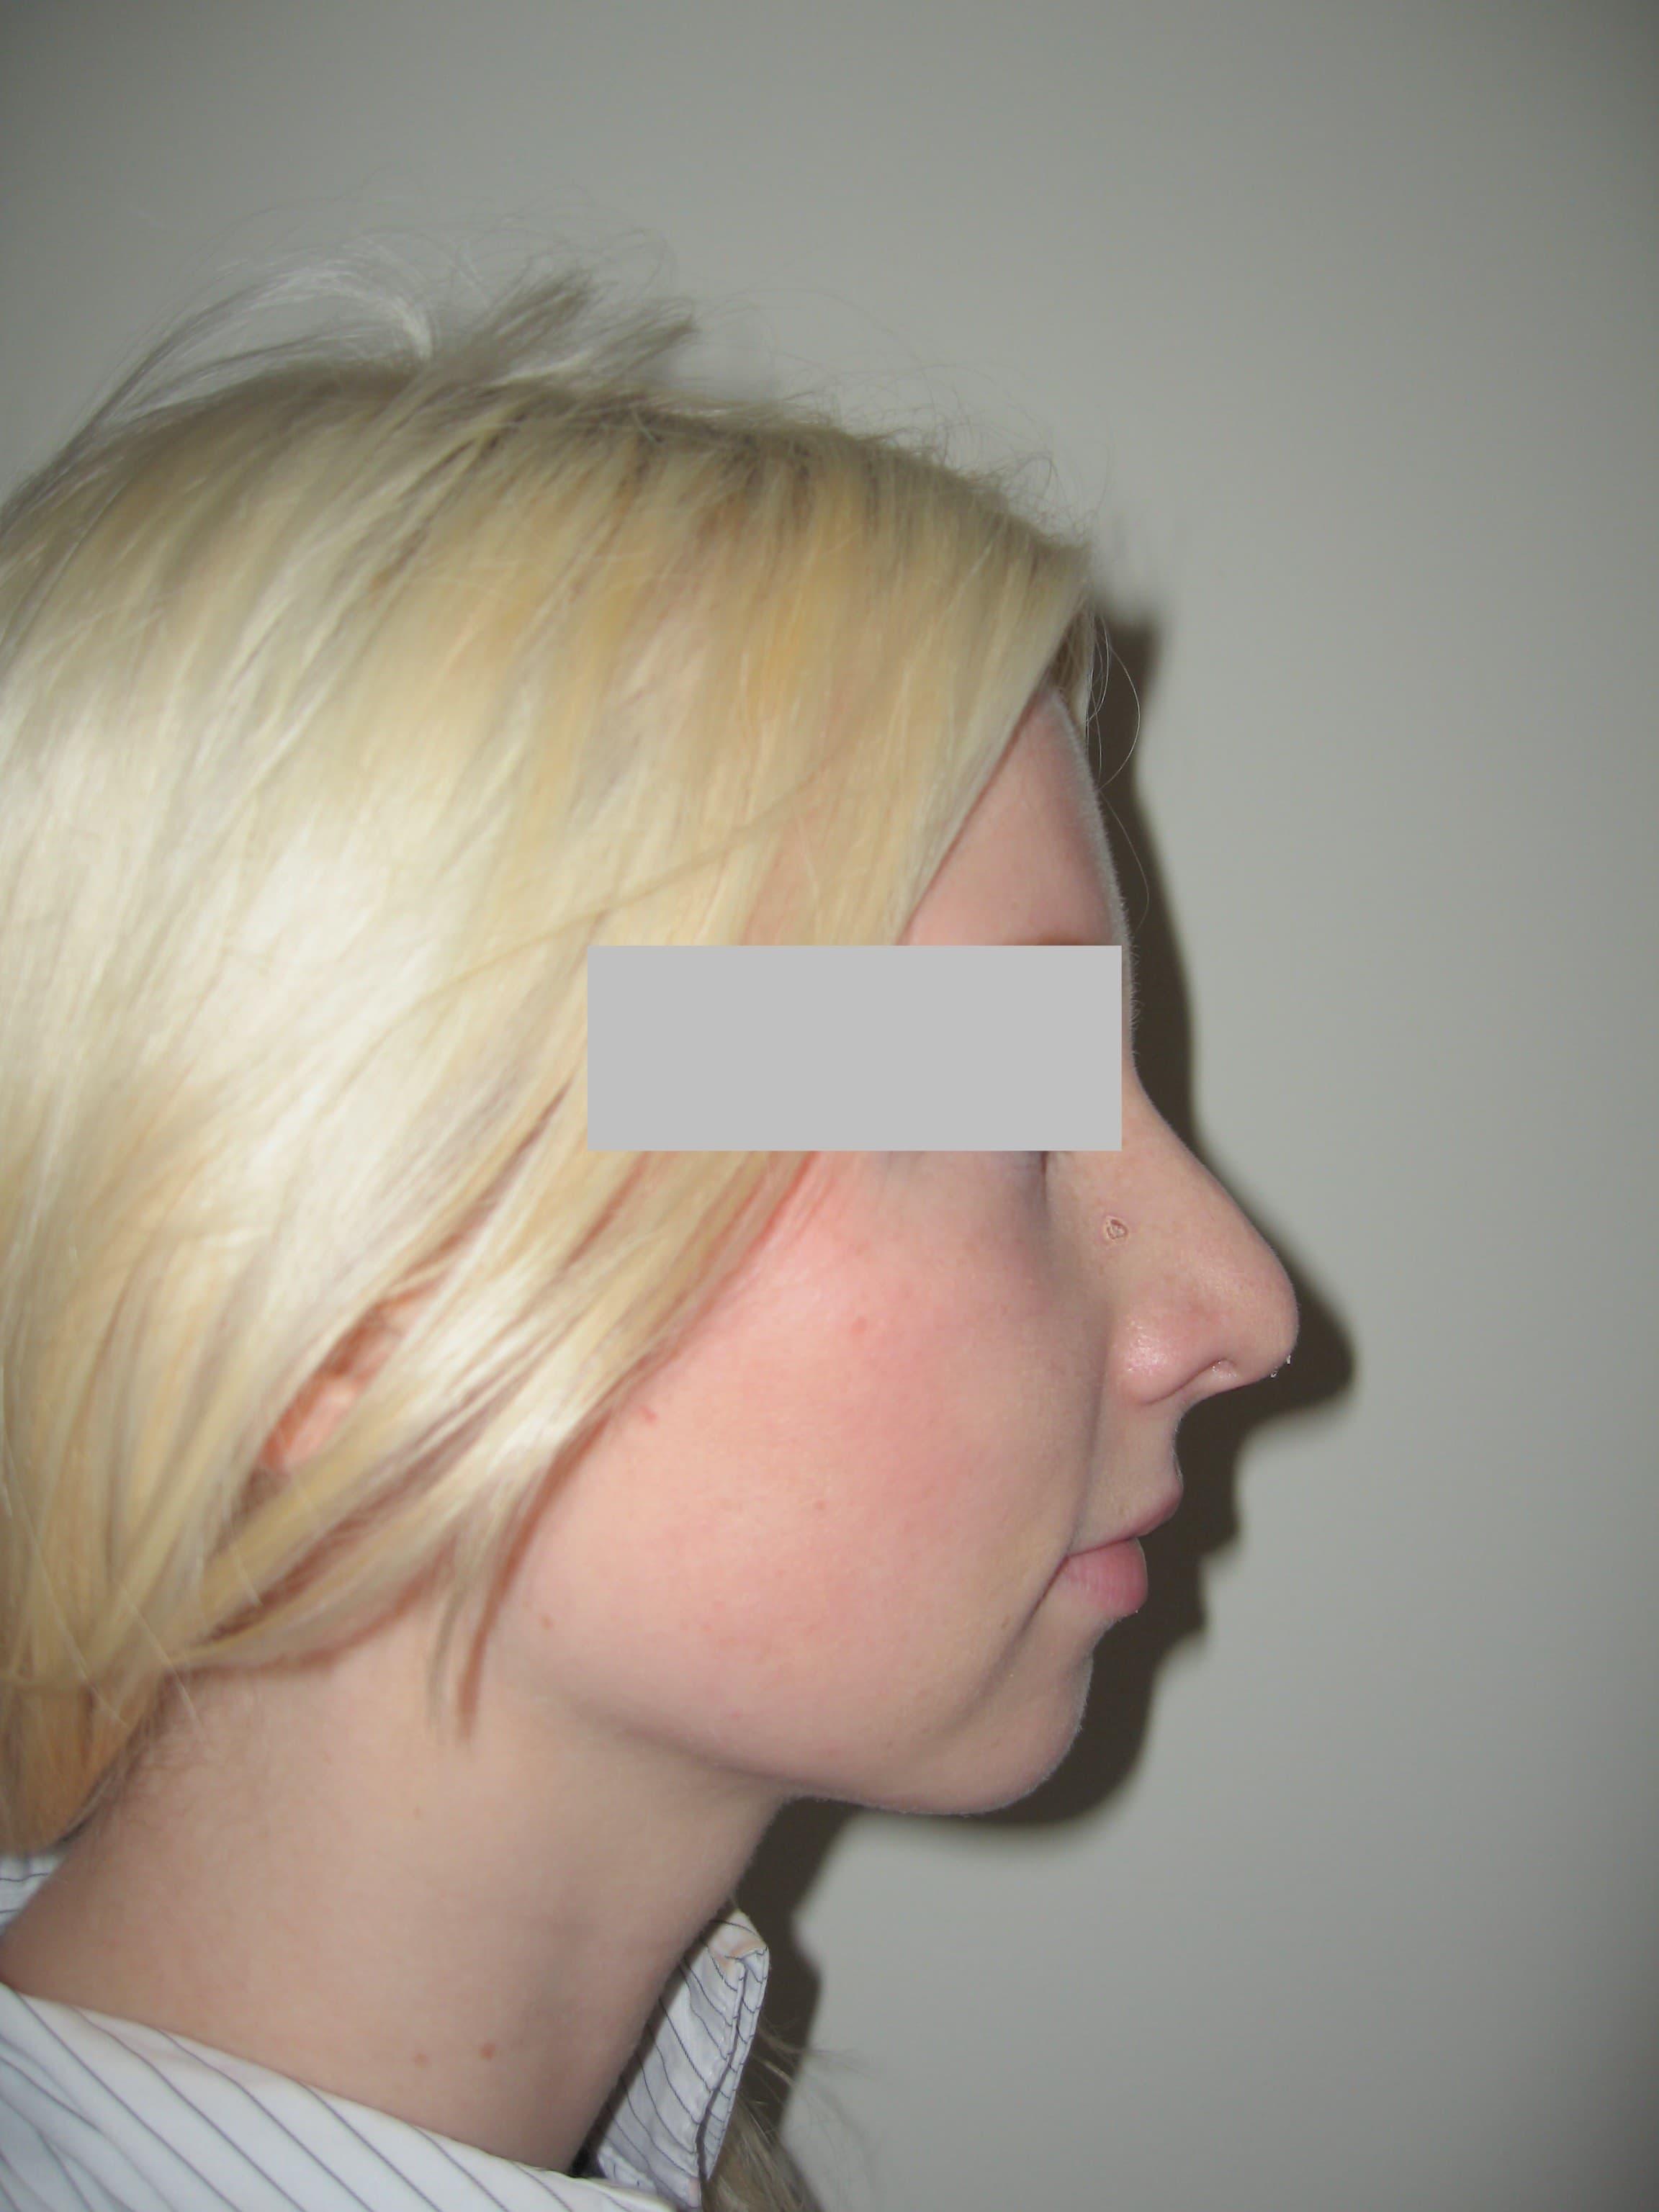 Frauen nachher bilder nasenkorrektur vorher Nasenkorrektur Vorher